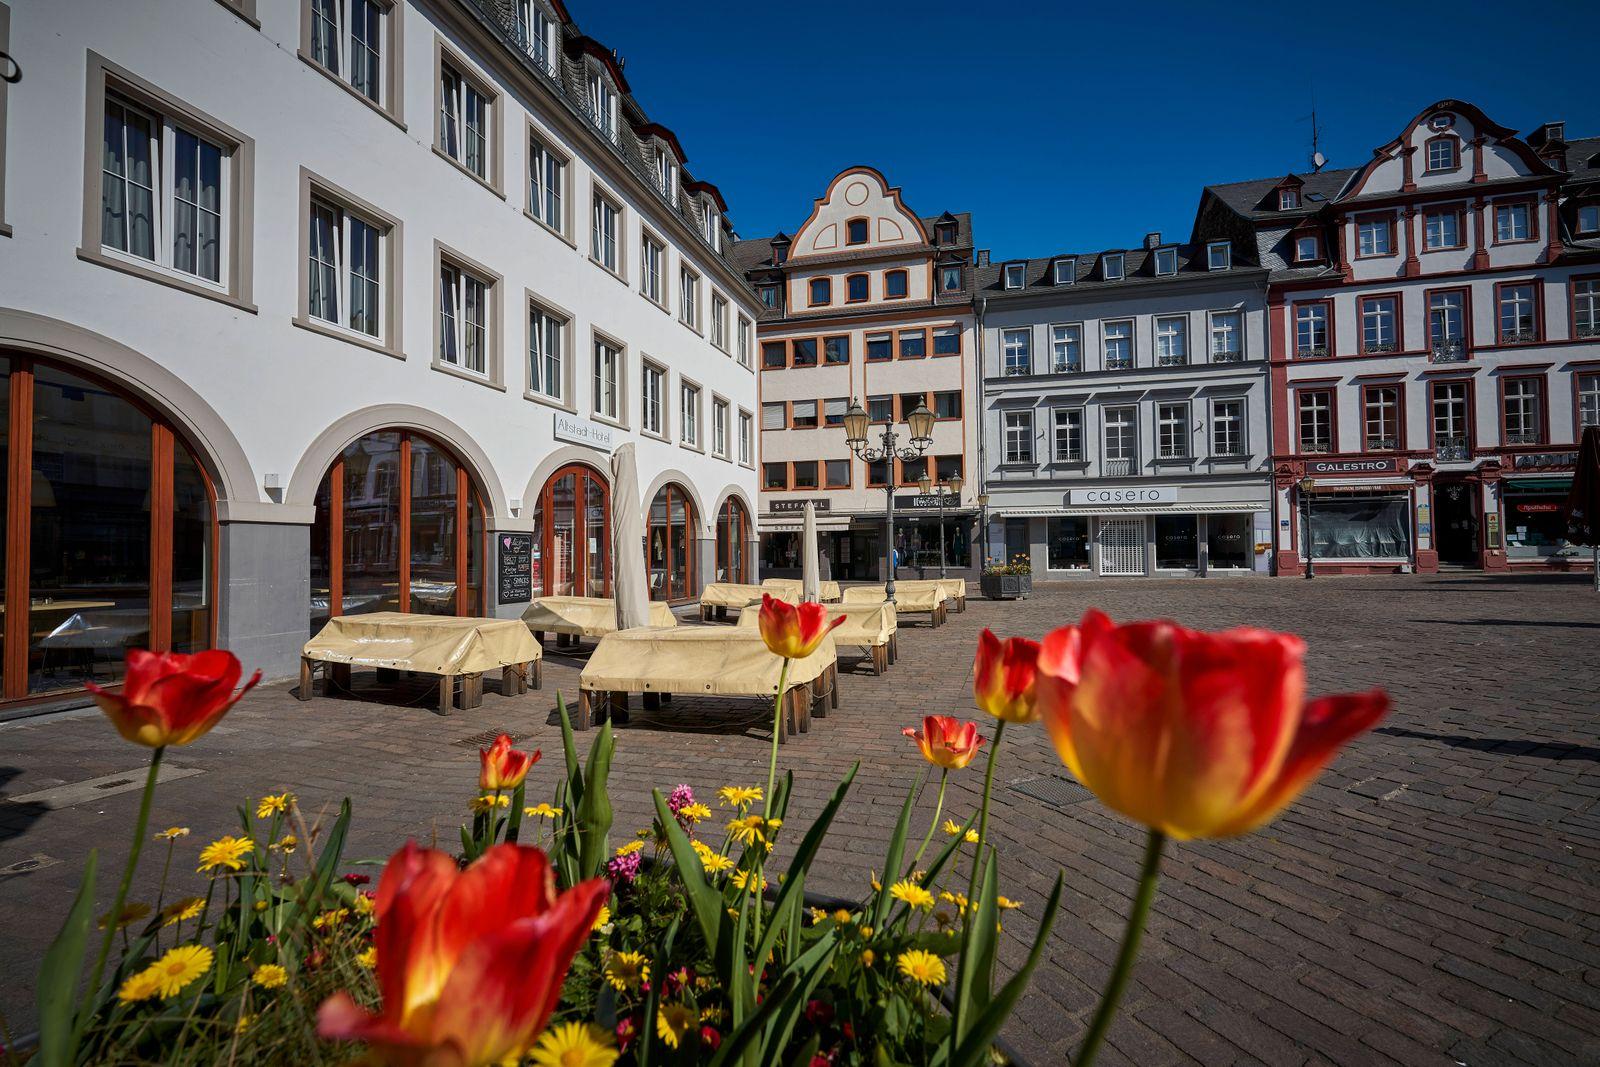 Coronavirus - Koblenz 16.04.2020, Rheinland-Pfalz, Koblenz: Geschaefte in der Innenstadt sind geschlossen. Bund und Lae